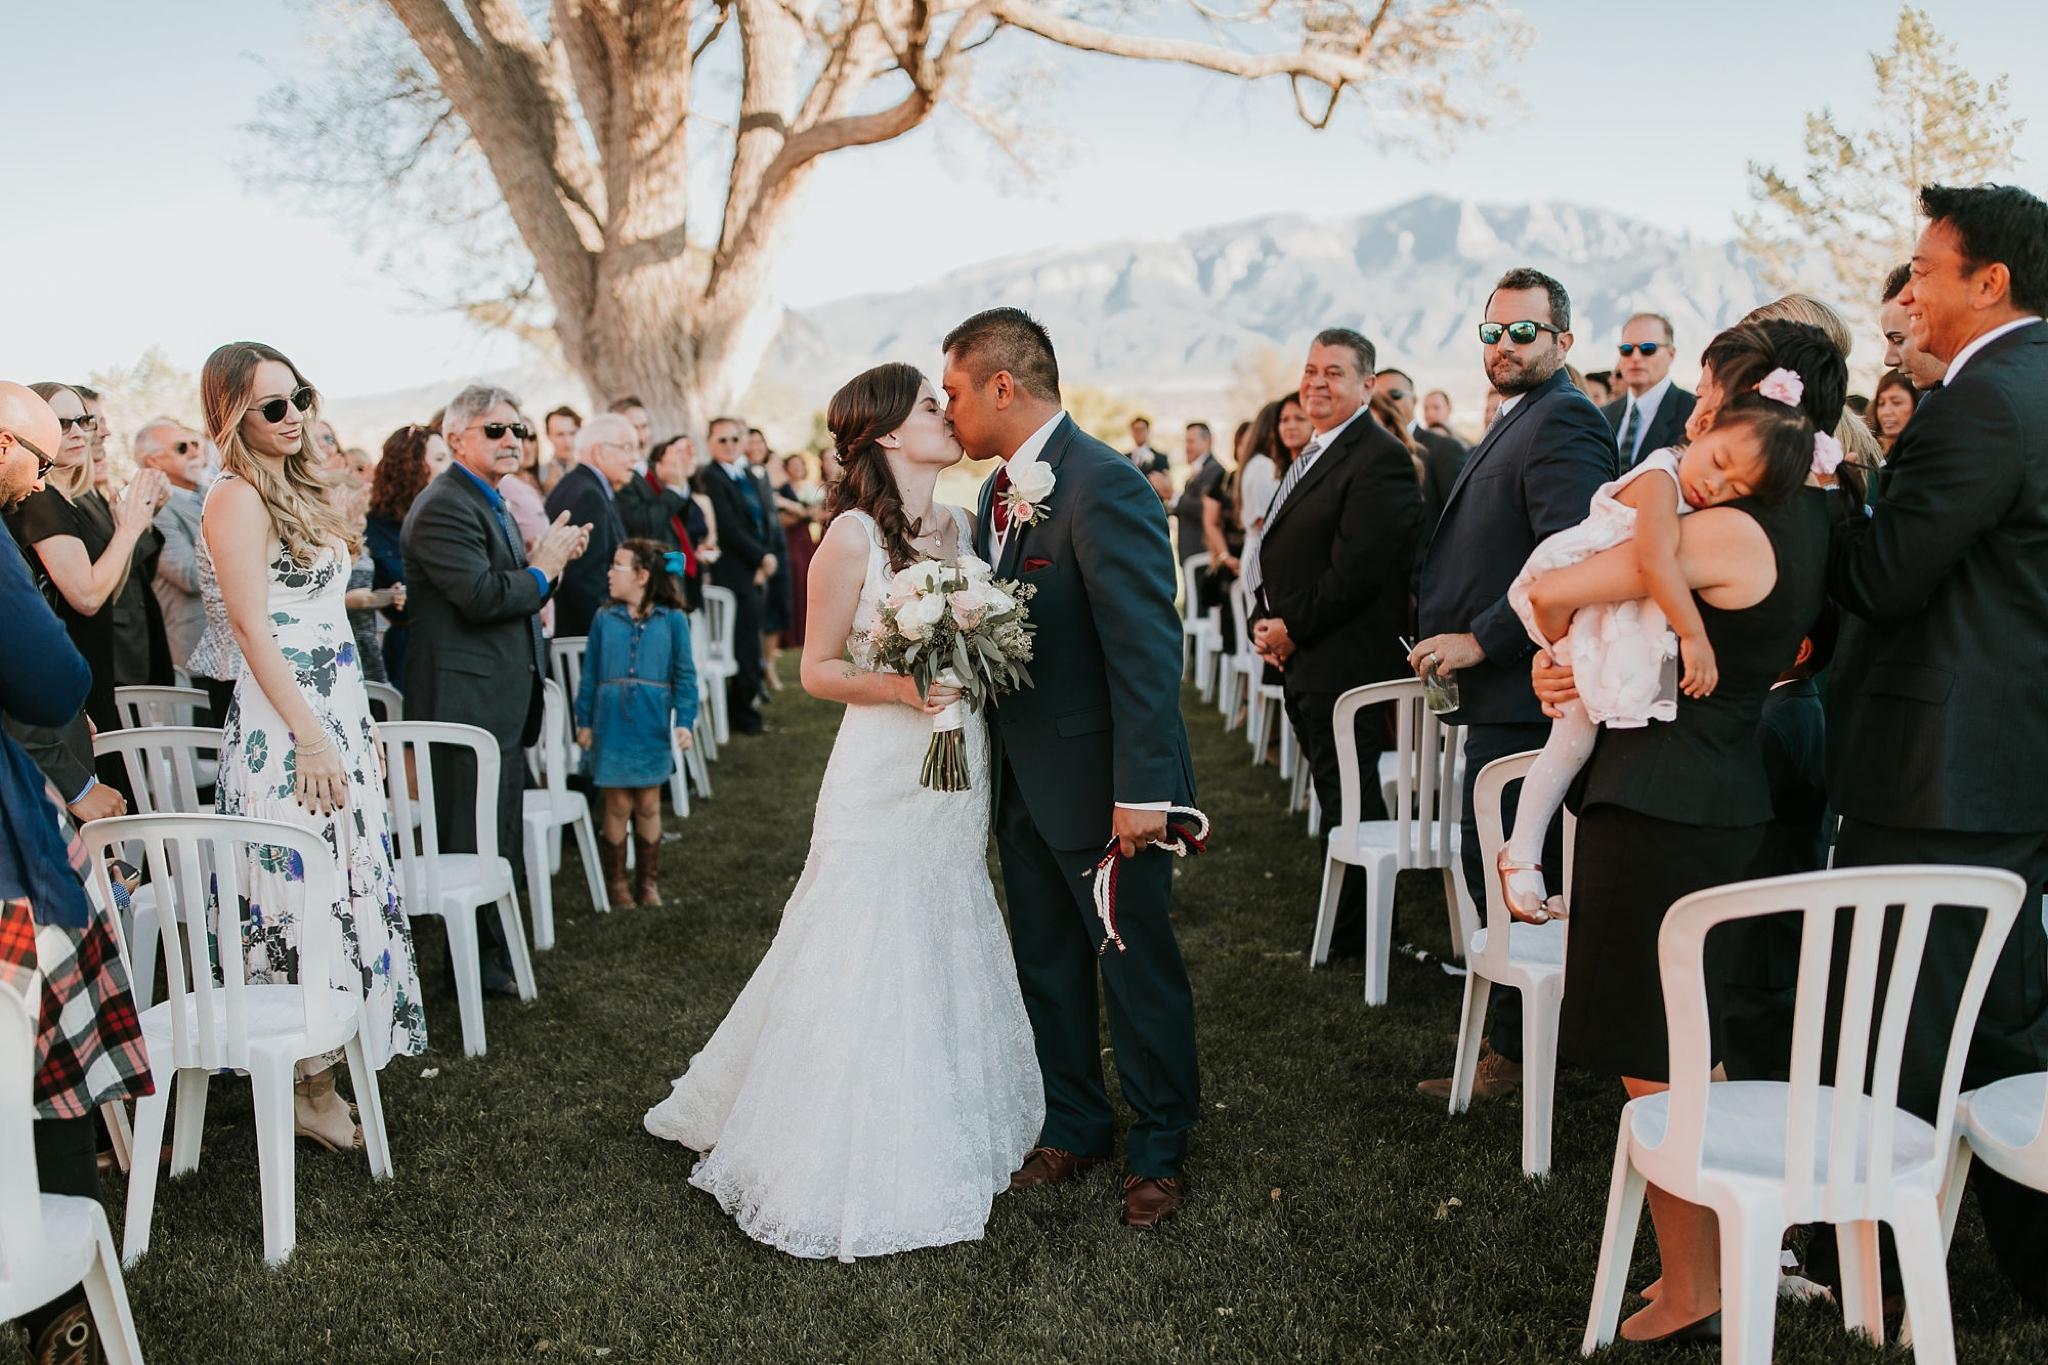 Alicia+lucia+photography+-+albuquerque+wedding+photographer+-+santa+fe+wedding+photography+-+new+mexico+wedding+photographer+-+new+mexico+wedding+-+wedding+vows+-+writing+your+own+vows+-+wedding+inspo_0014.jpg